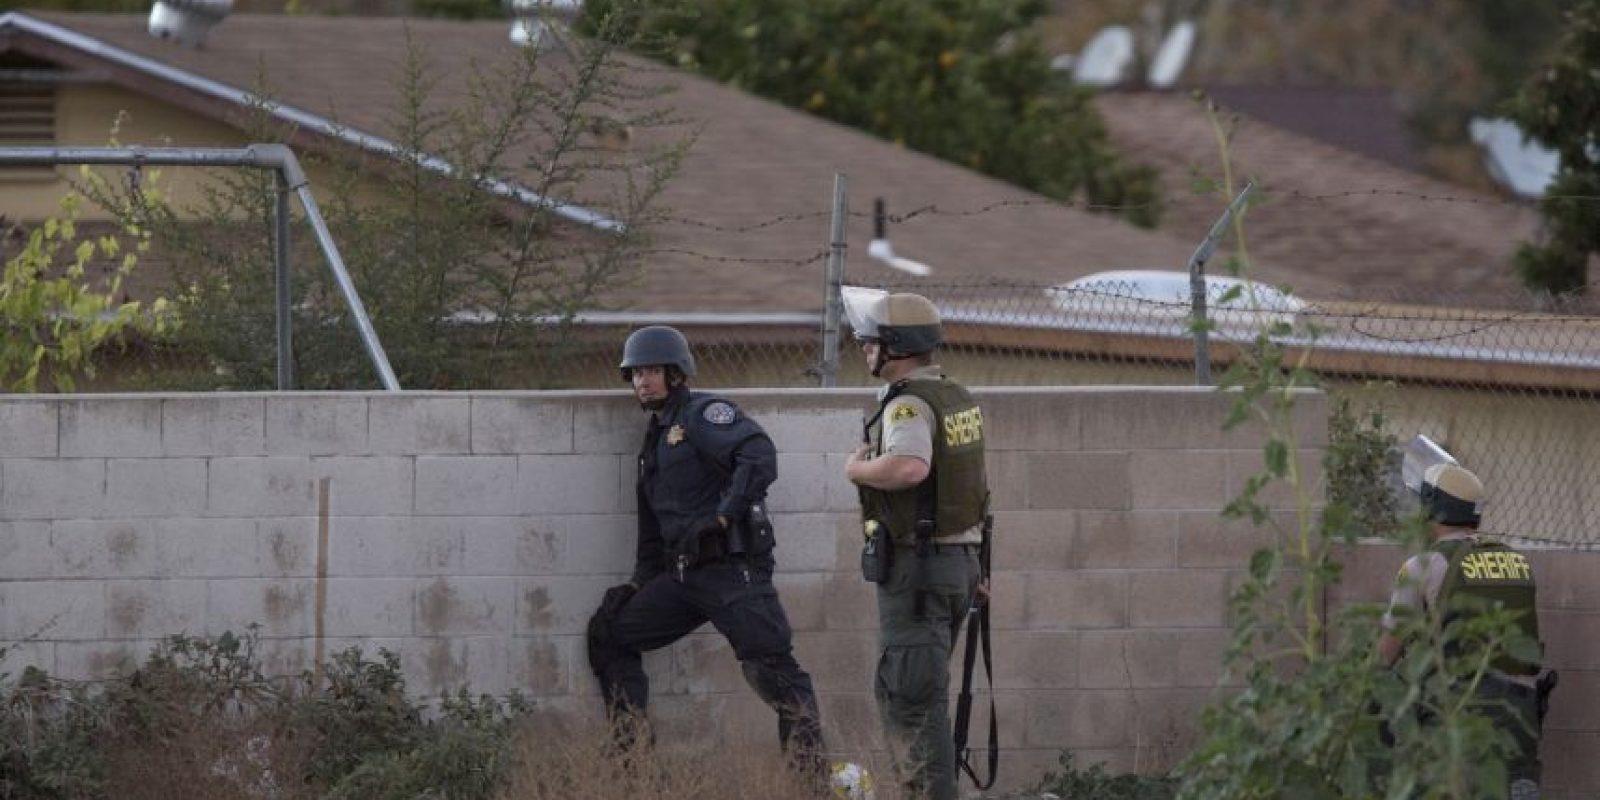 Sin embargo, el grupo terrorista no ha sido vinculado con los hechos. Foto:Getty Images